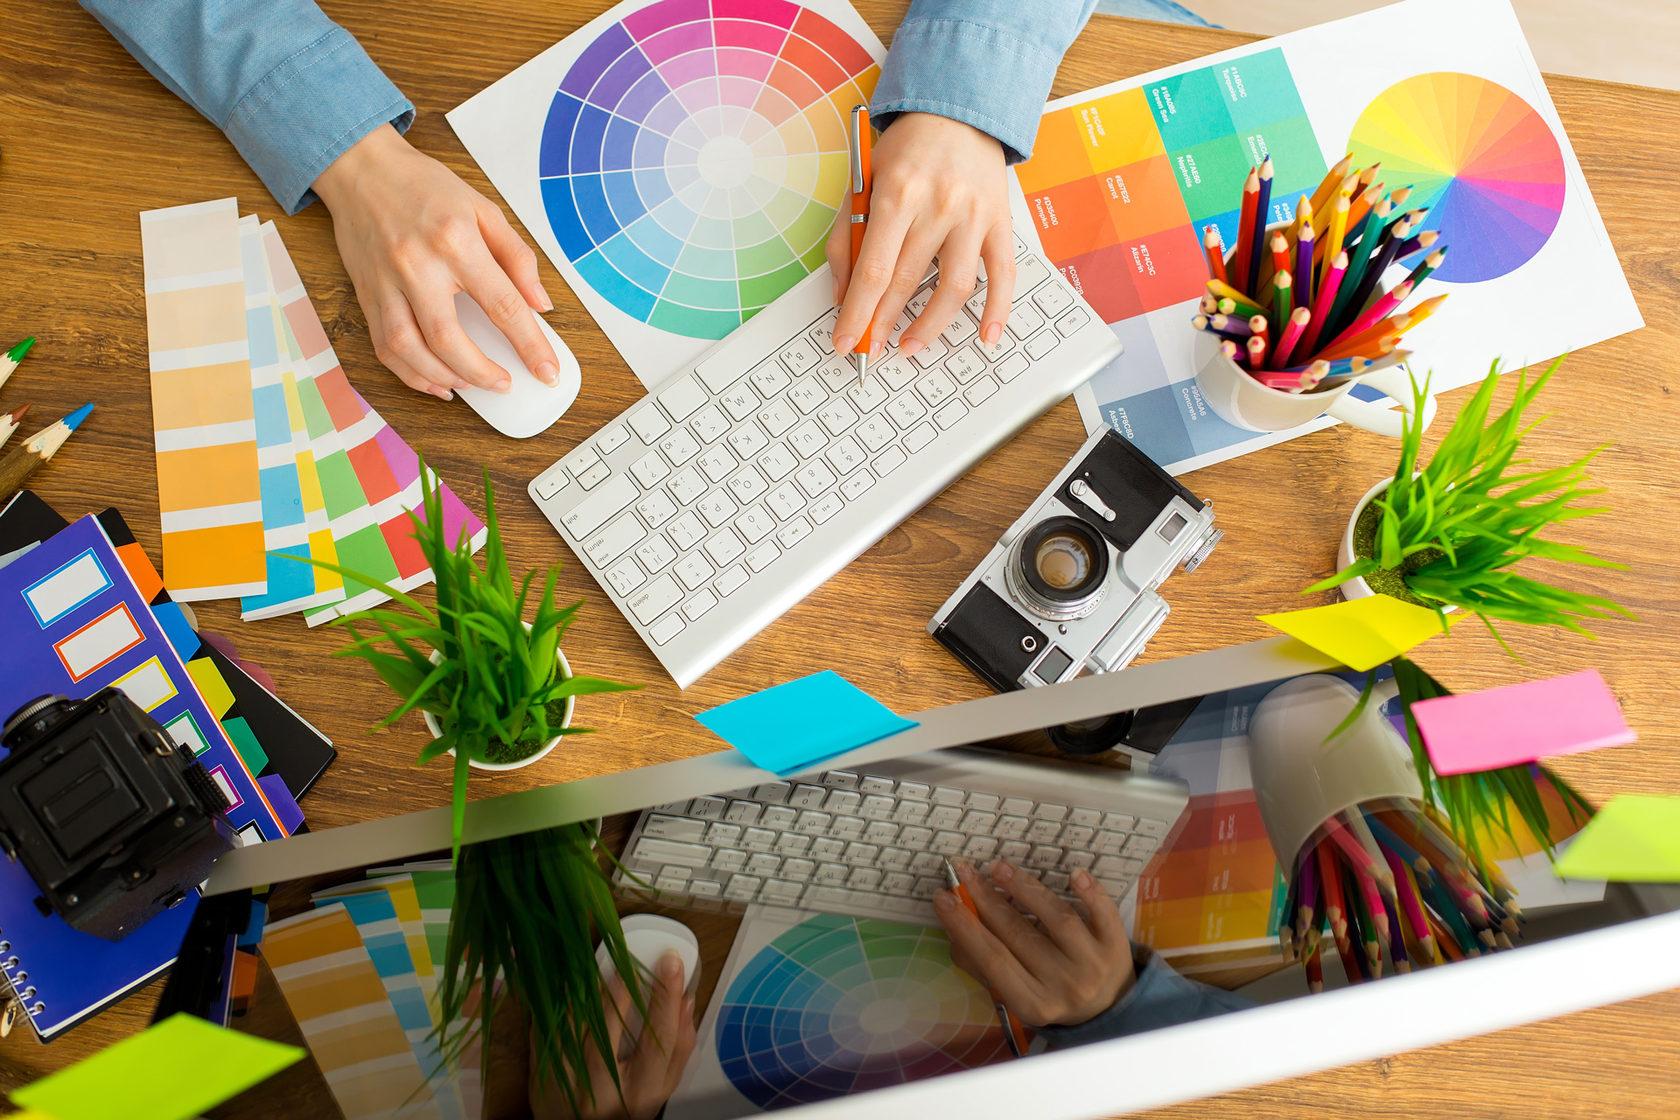 Job freelance designer какую биржу выбрать для фриланса